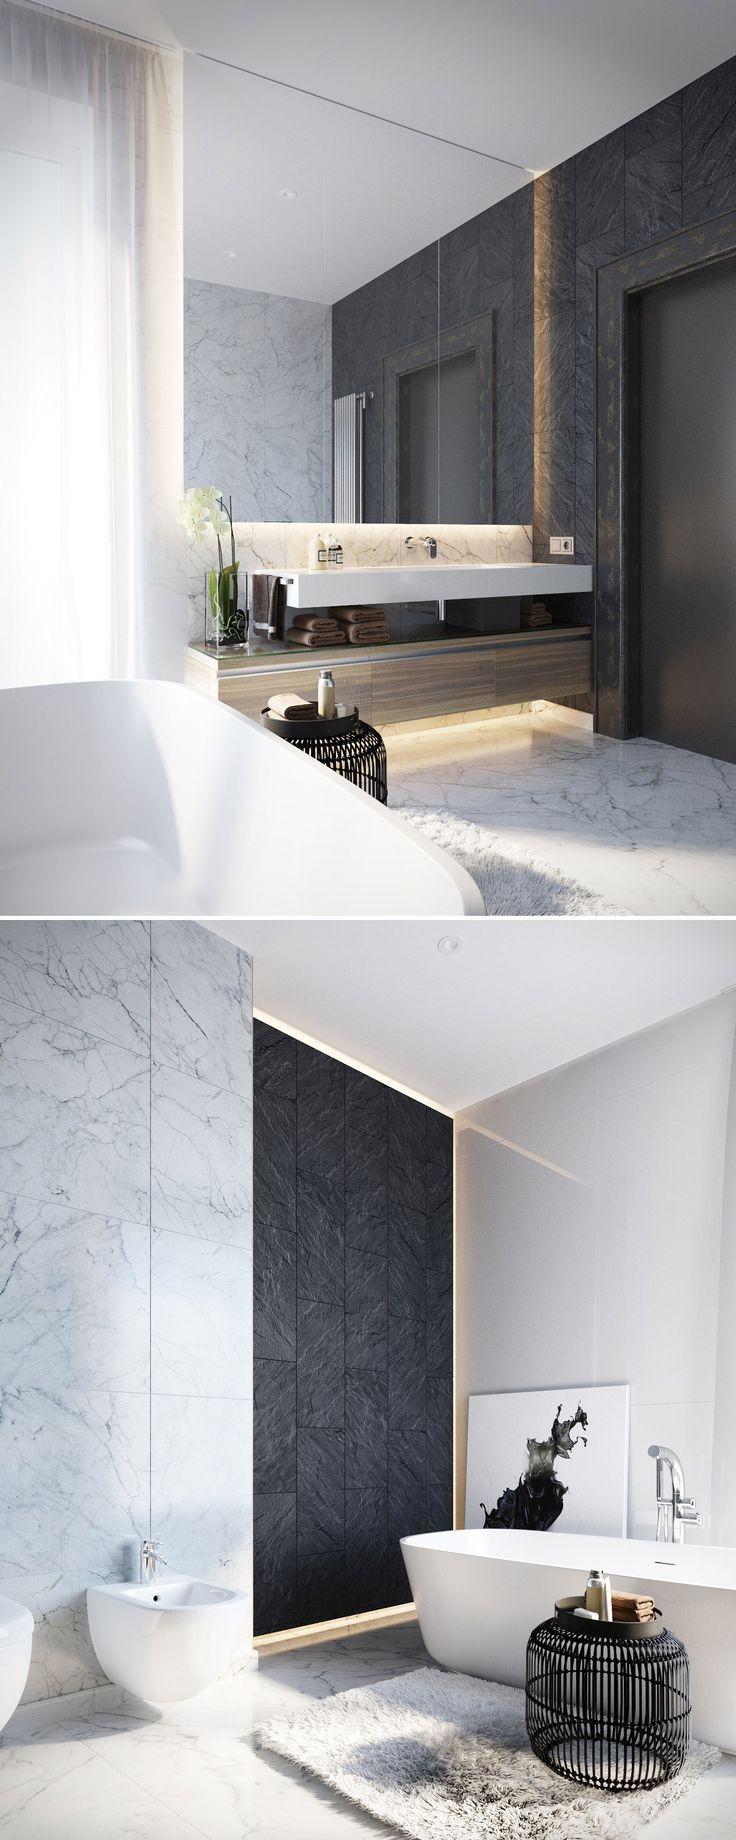 81 Wonderful Bathtub Ideas with Modern Design https://www ...